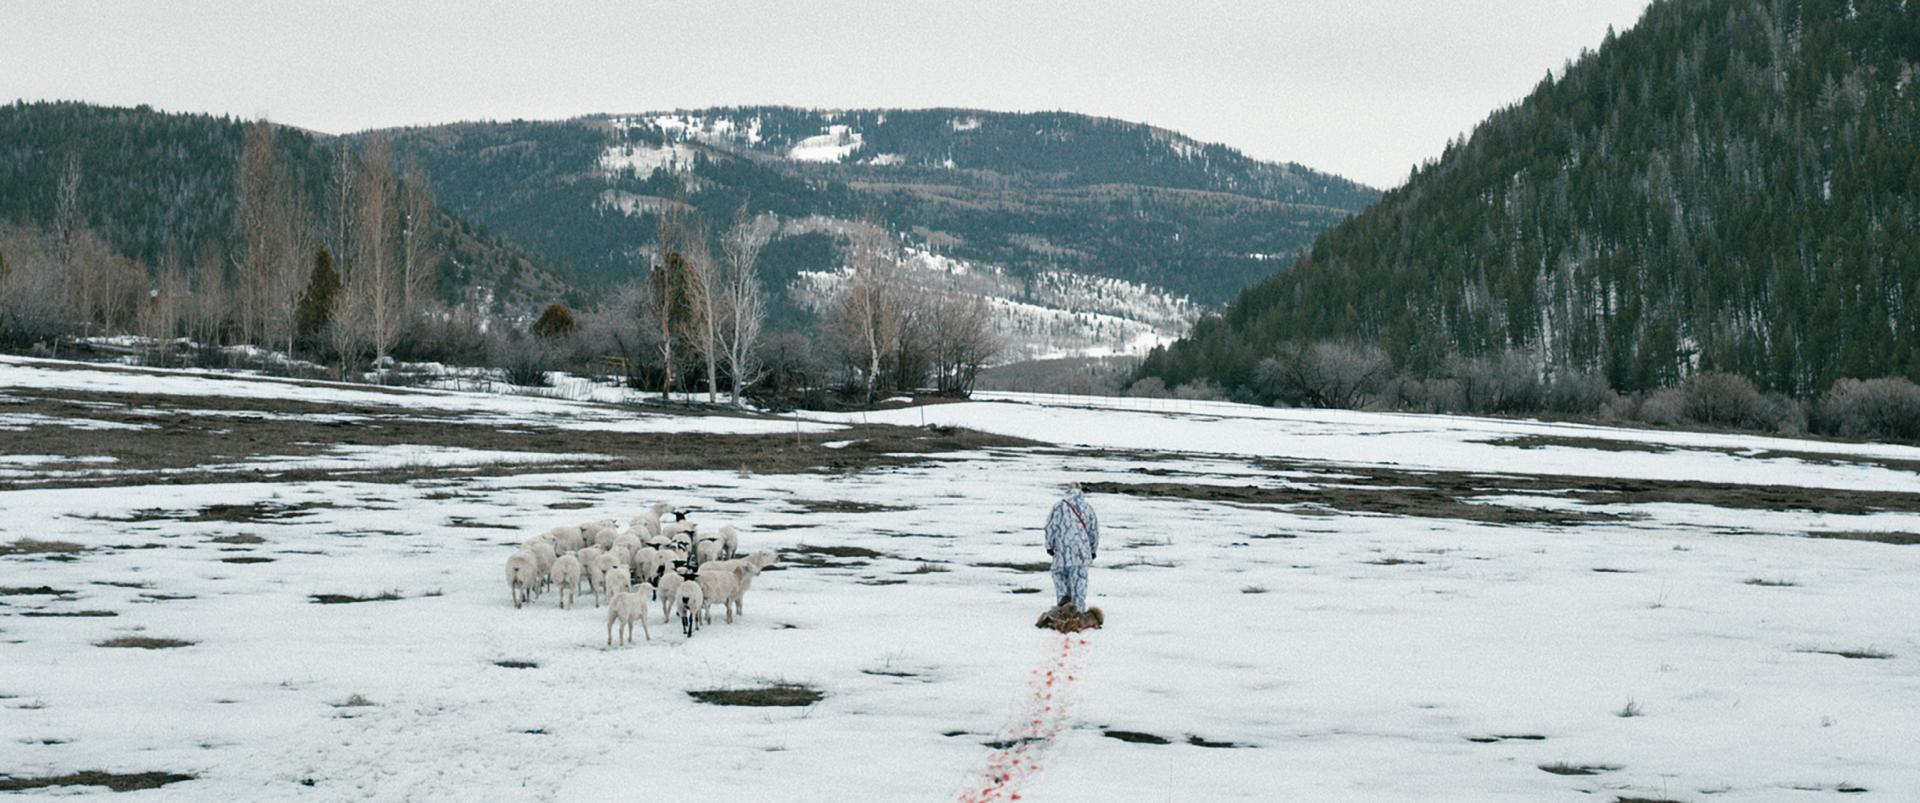 """Gorące napięcie w lodowatej scenerii – recenzja filmu """"Wind River"""""""